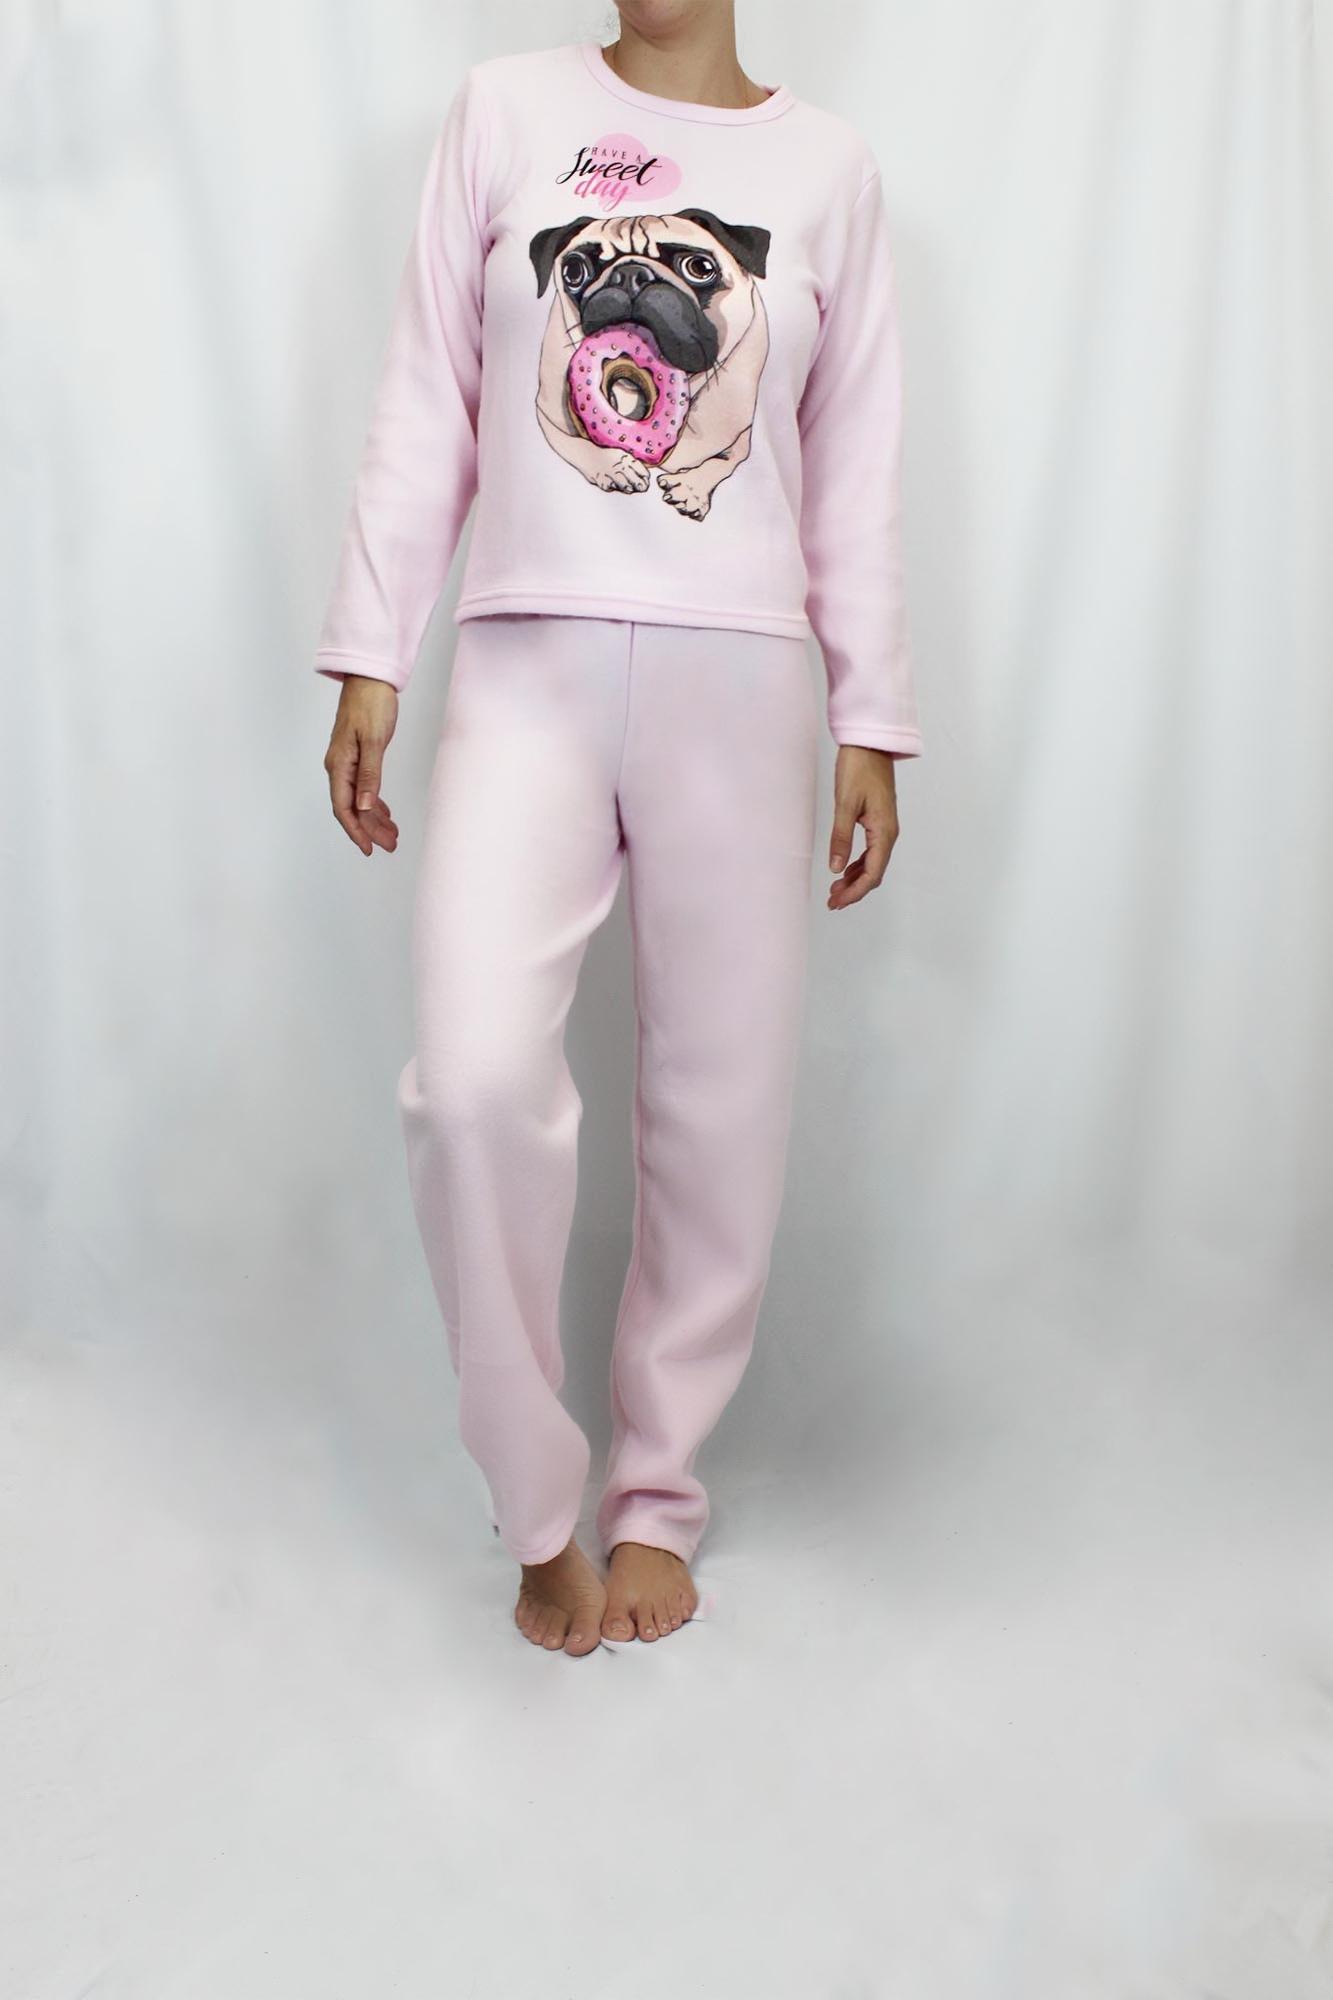 Pijama de Soft Feminino - Tamanho M